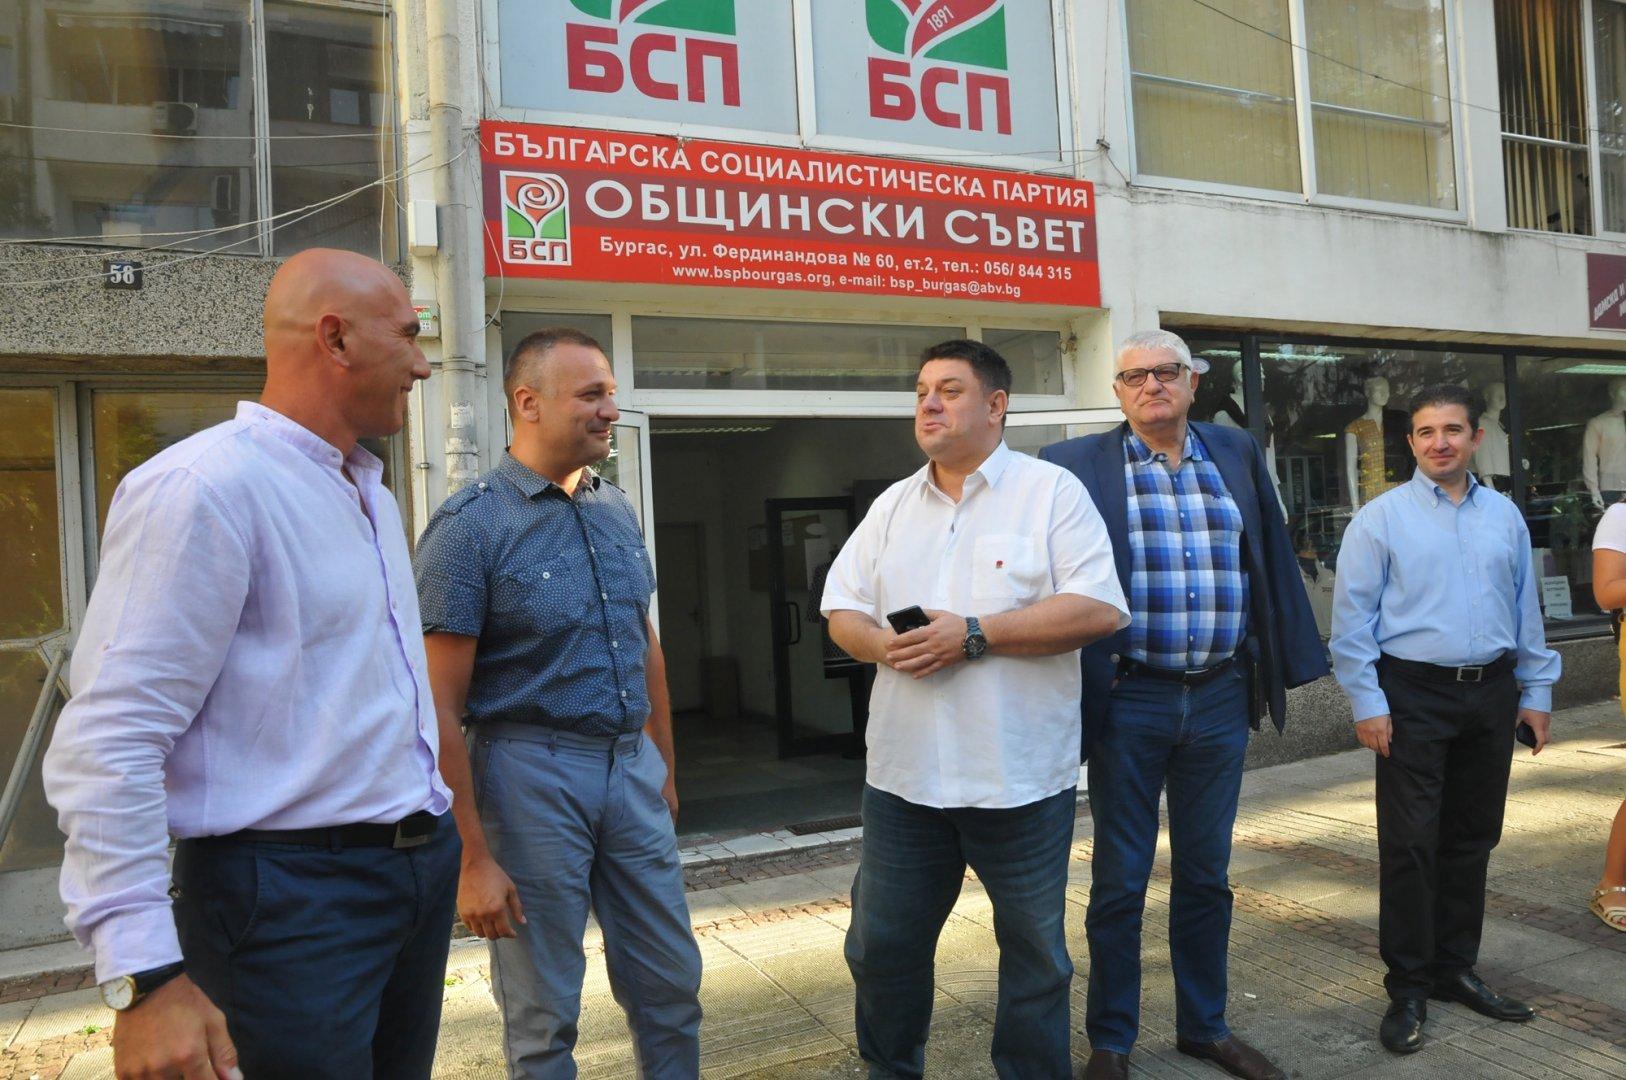 Петър Кънев (вторият отдясно наляво) получи най-много номинации, следван от Николай Тишев (вляво) и Живко Господинов (вдясно). Снимка Архив Черноморие-бг